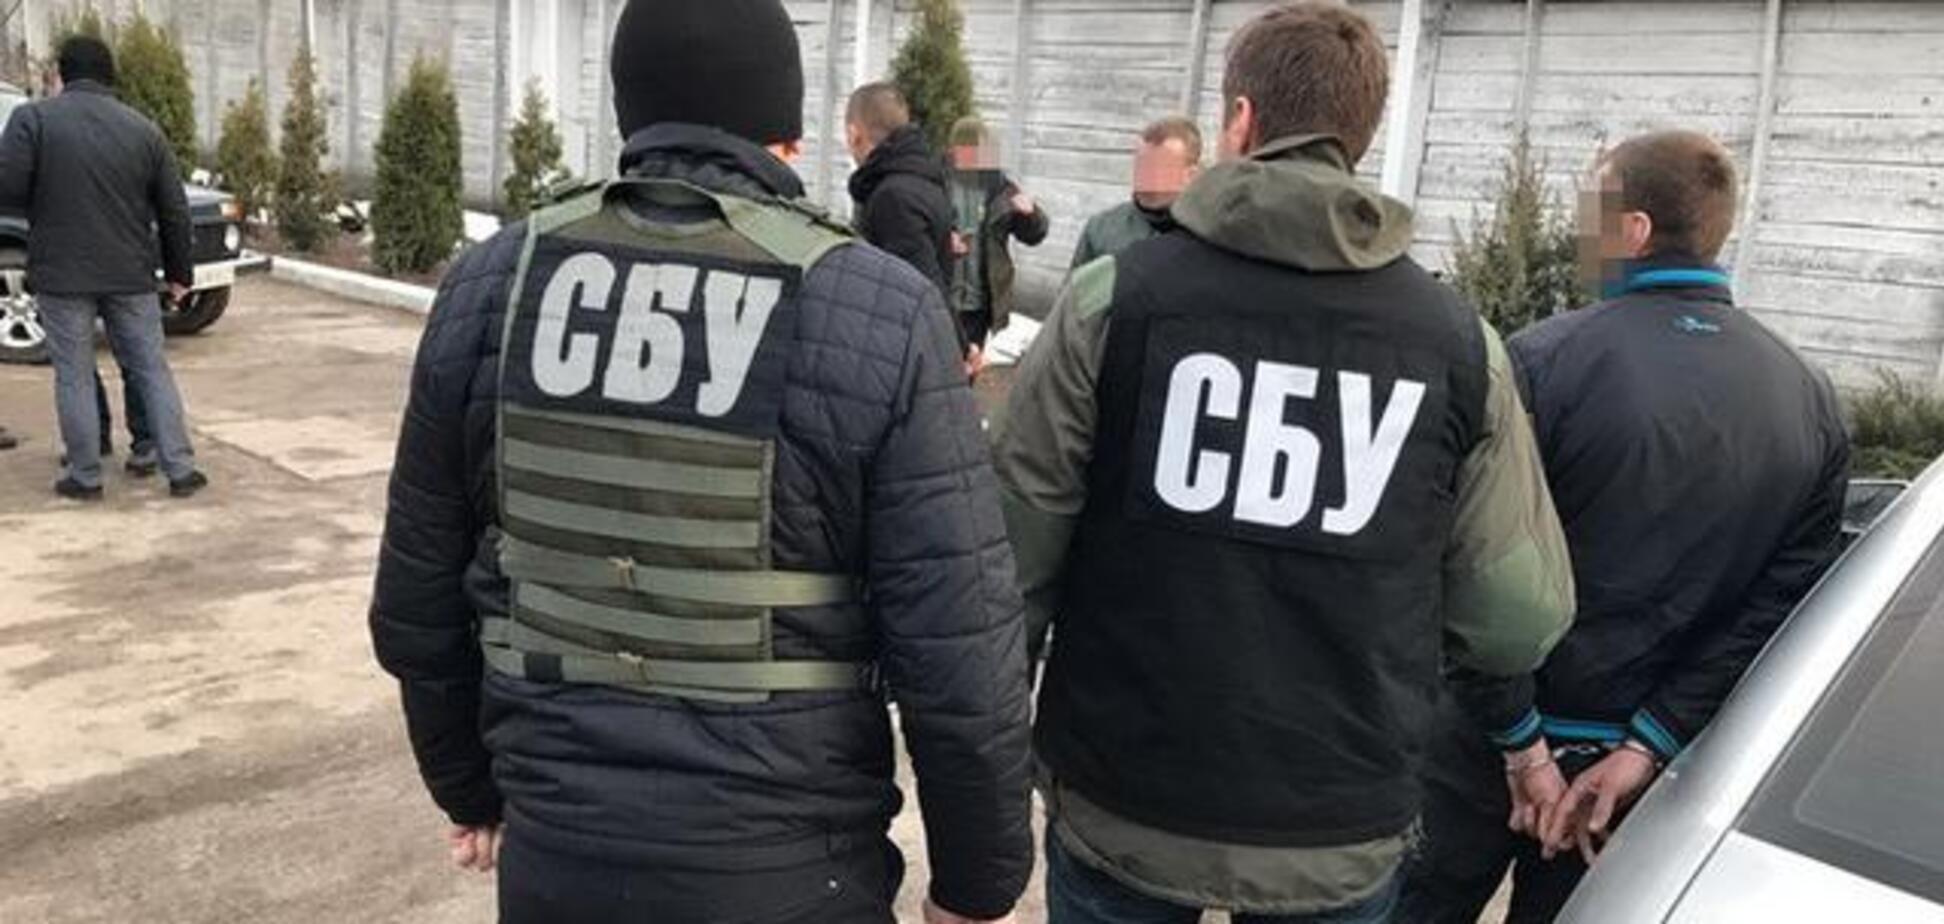 Російські агенти нікуди не поділися, вони залягли на дно - волонтер